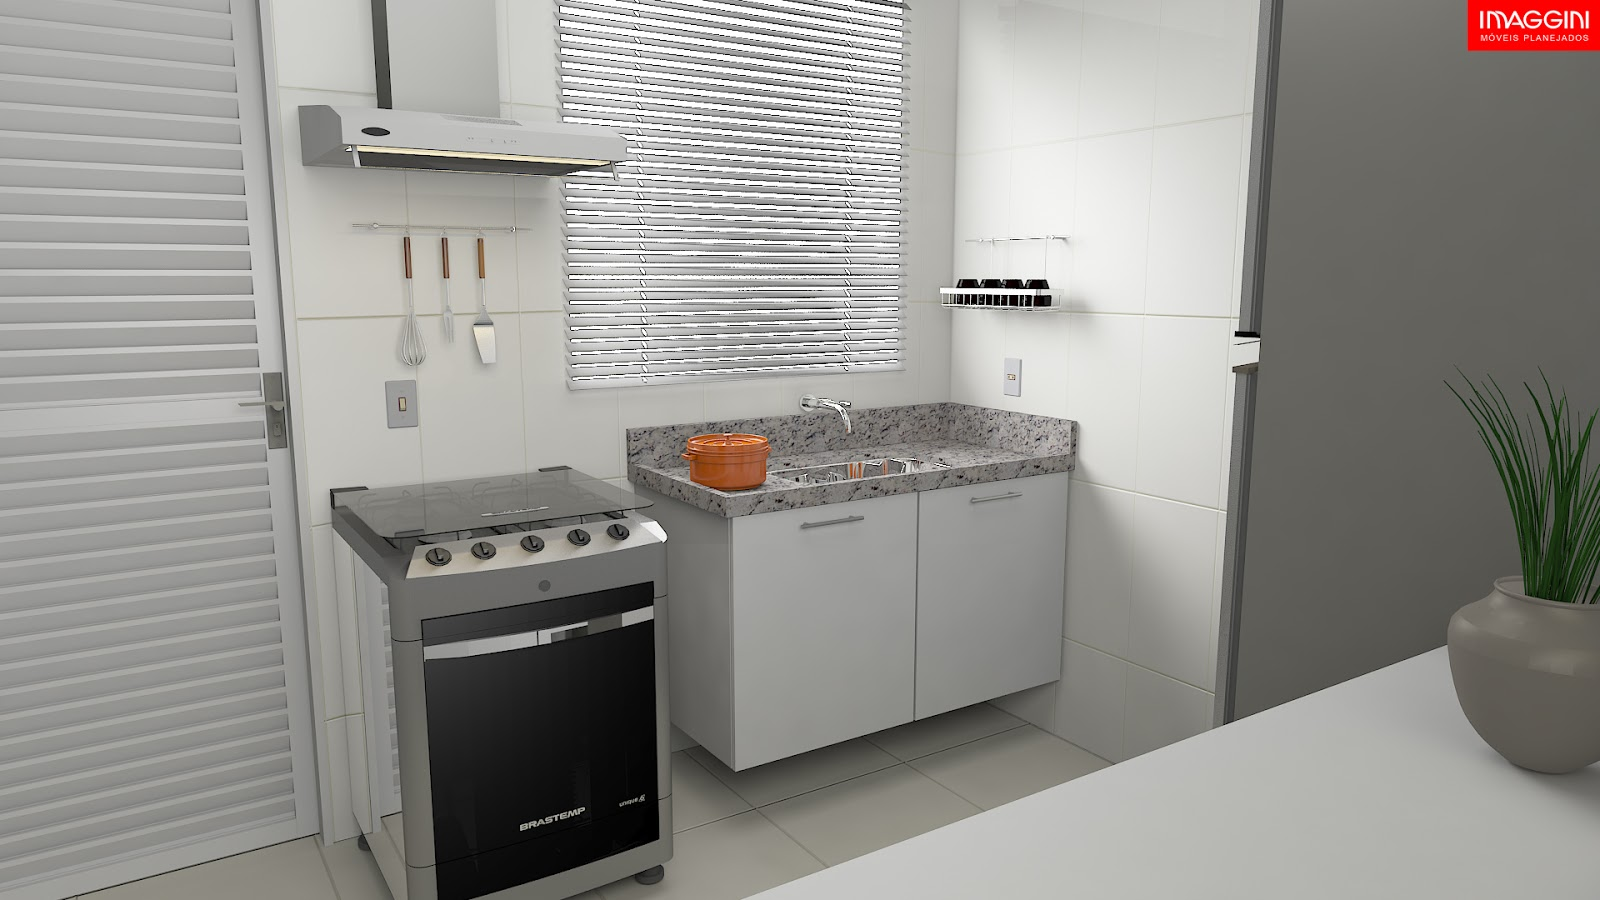 #BF0C0C Residencial Alto do São Francisco Imobiliaria Junqueira  1600x900 px Projeto Cozinha Comunitária Governo Federal_4147 Imagens